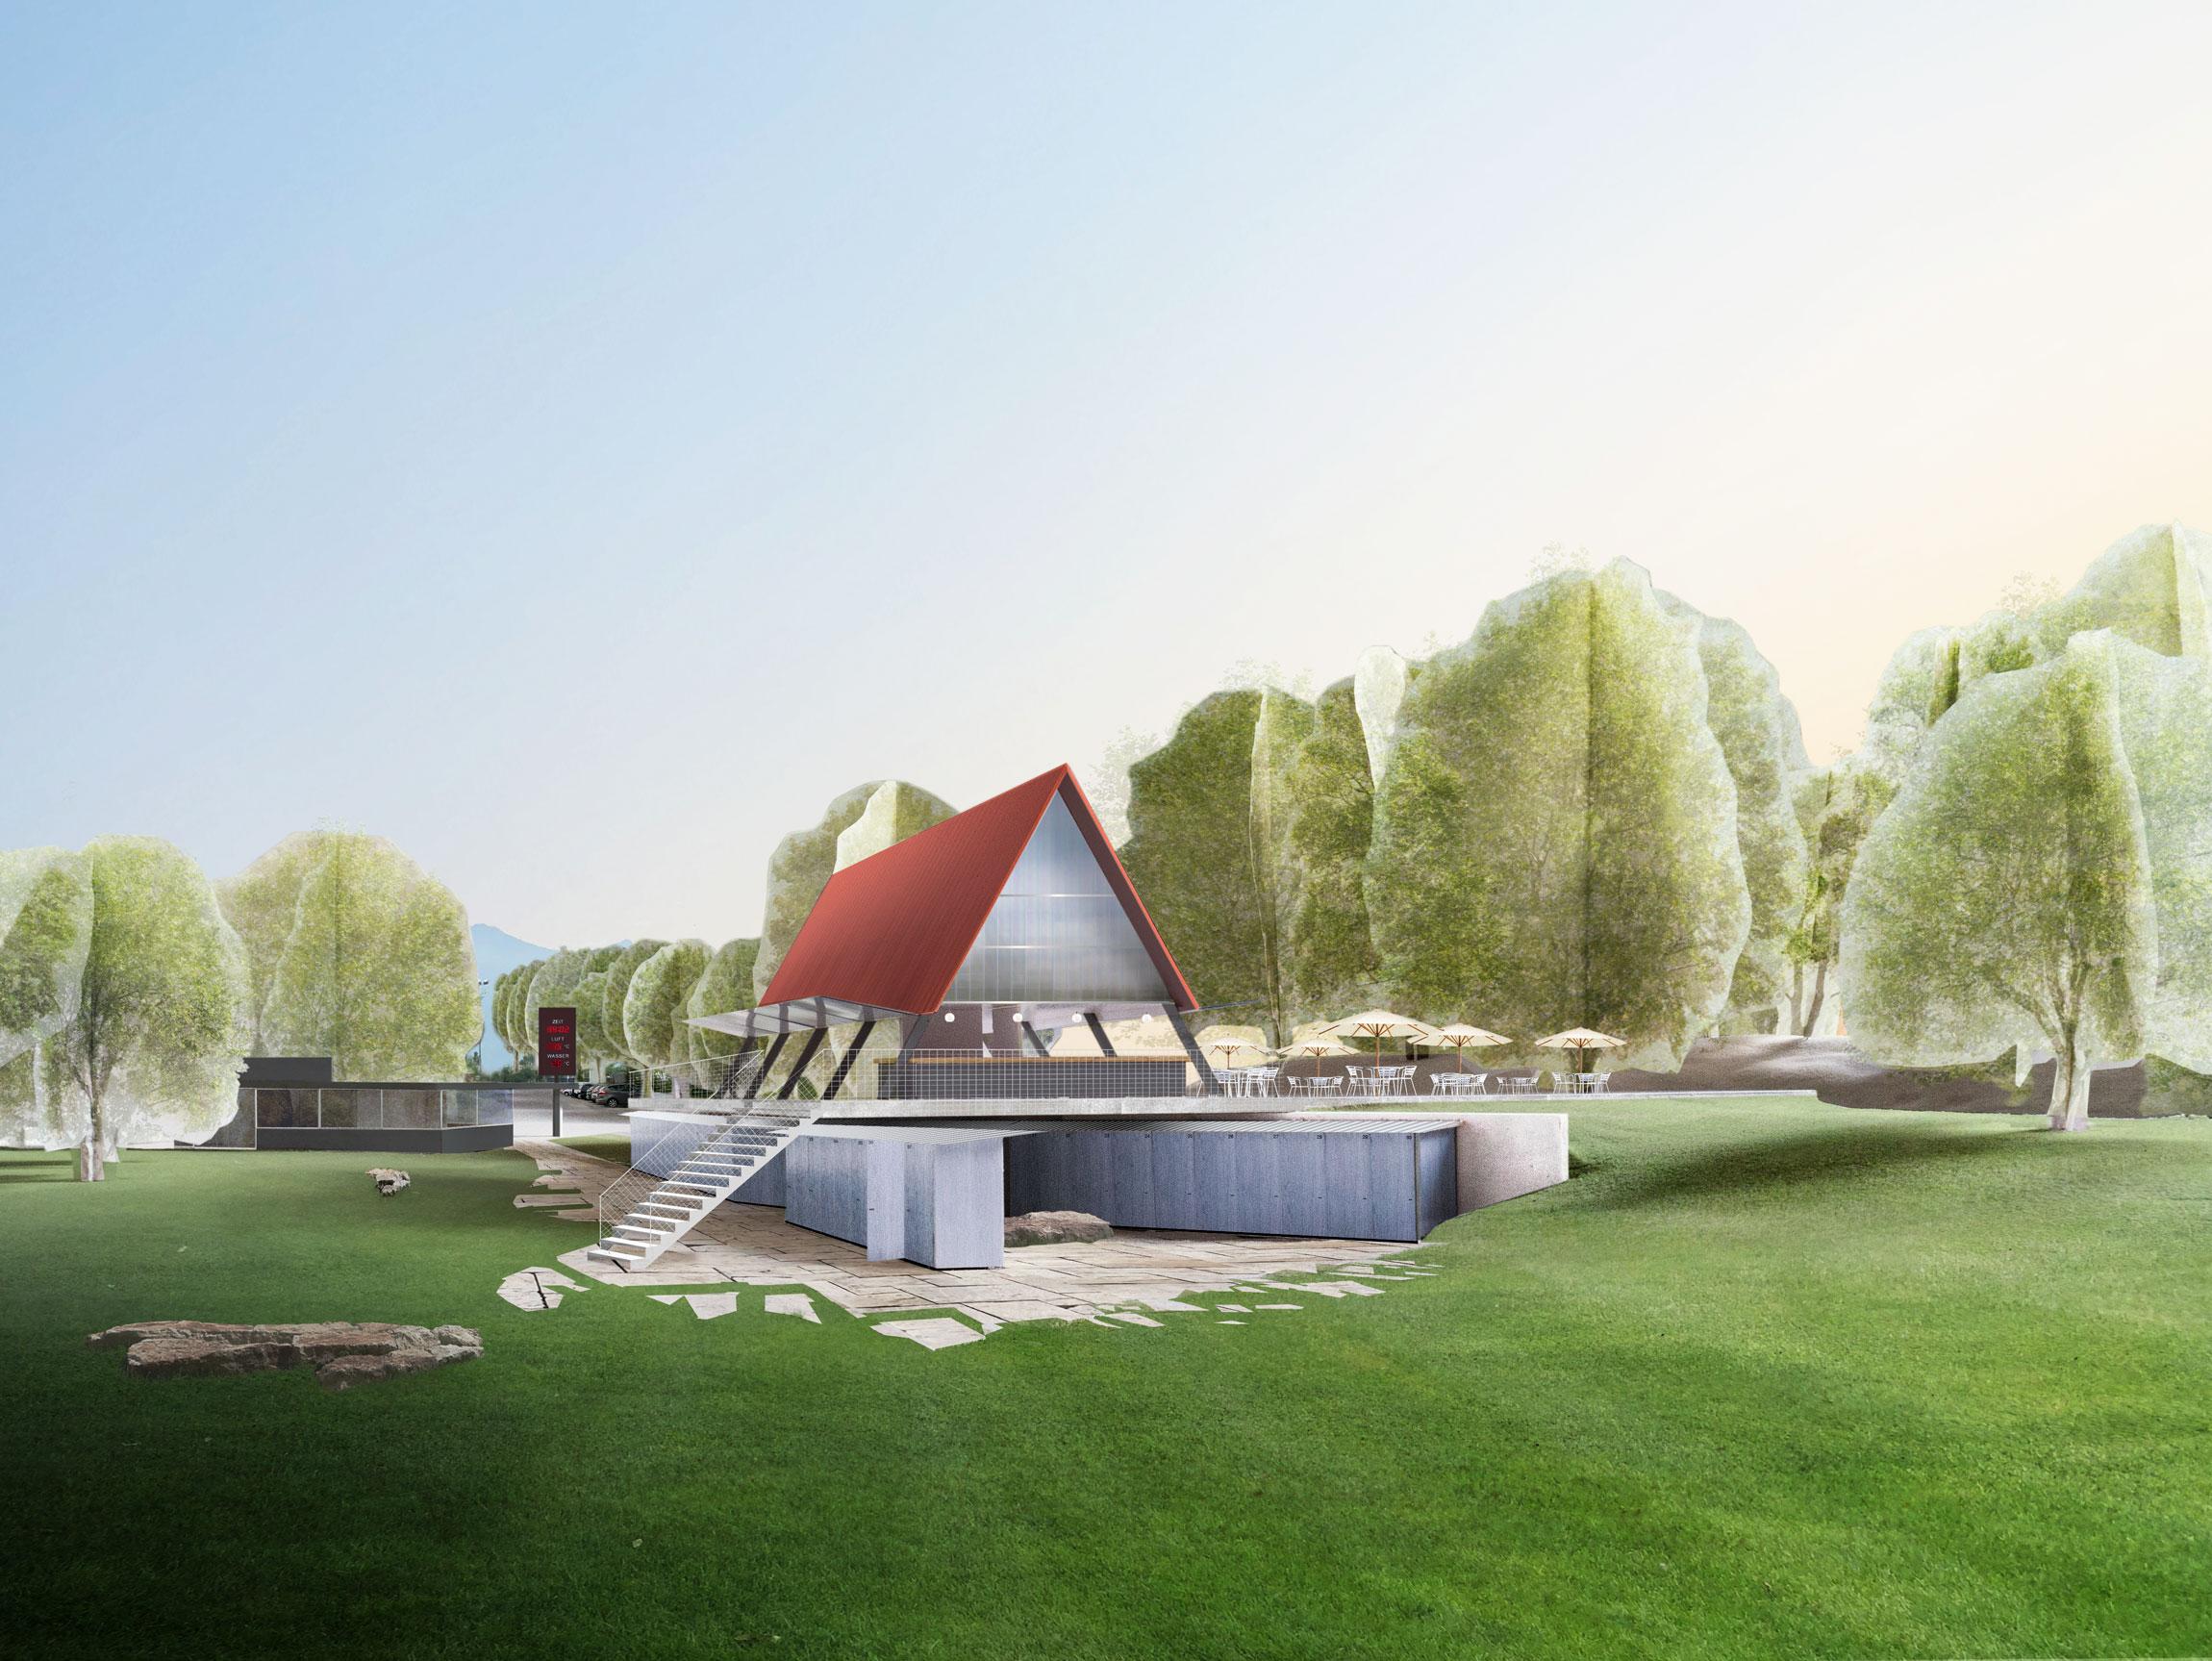 Das Rote Dach erinnert an ein Zelt